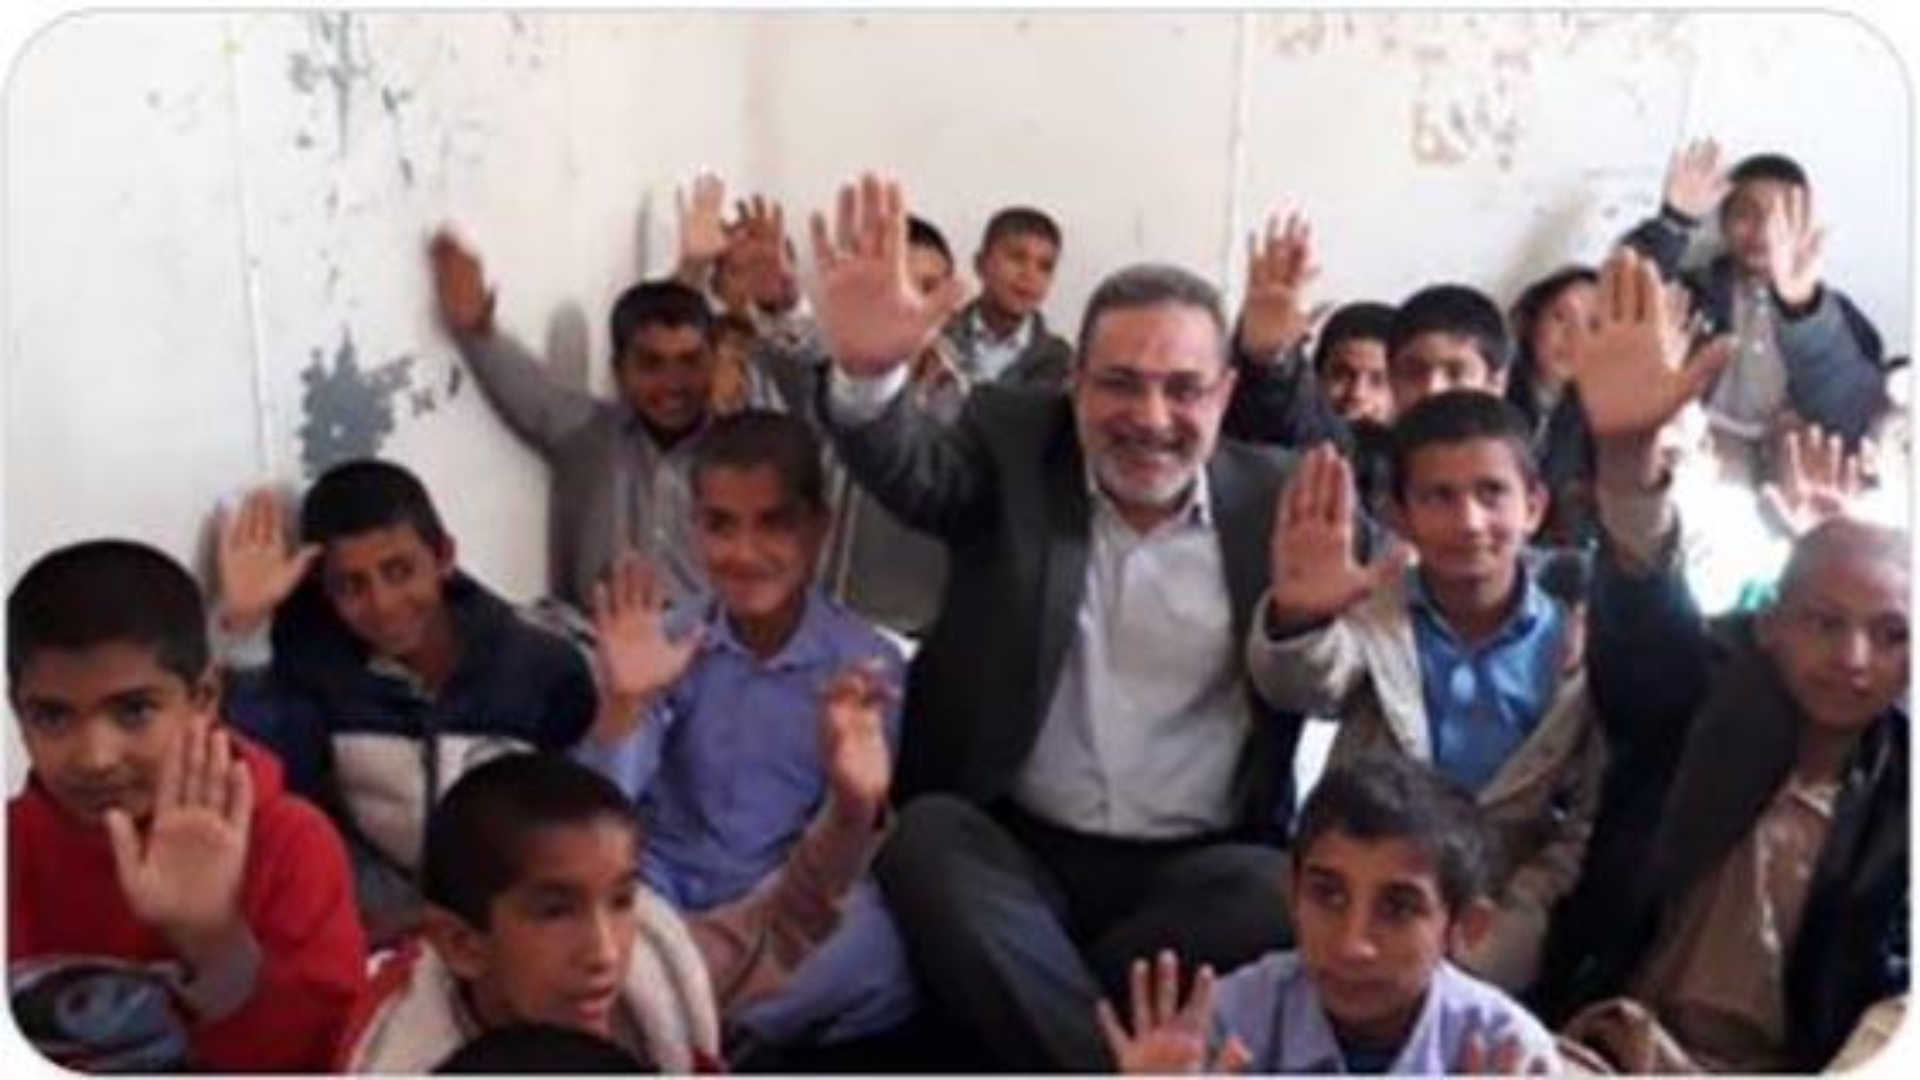 عذرخواهی وزیر آموزش و پرورش از دانش آموزان سیستان و بلوچستانی | فیلم